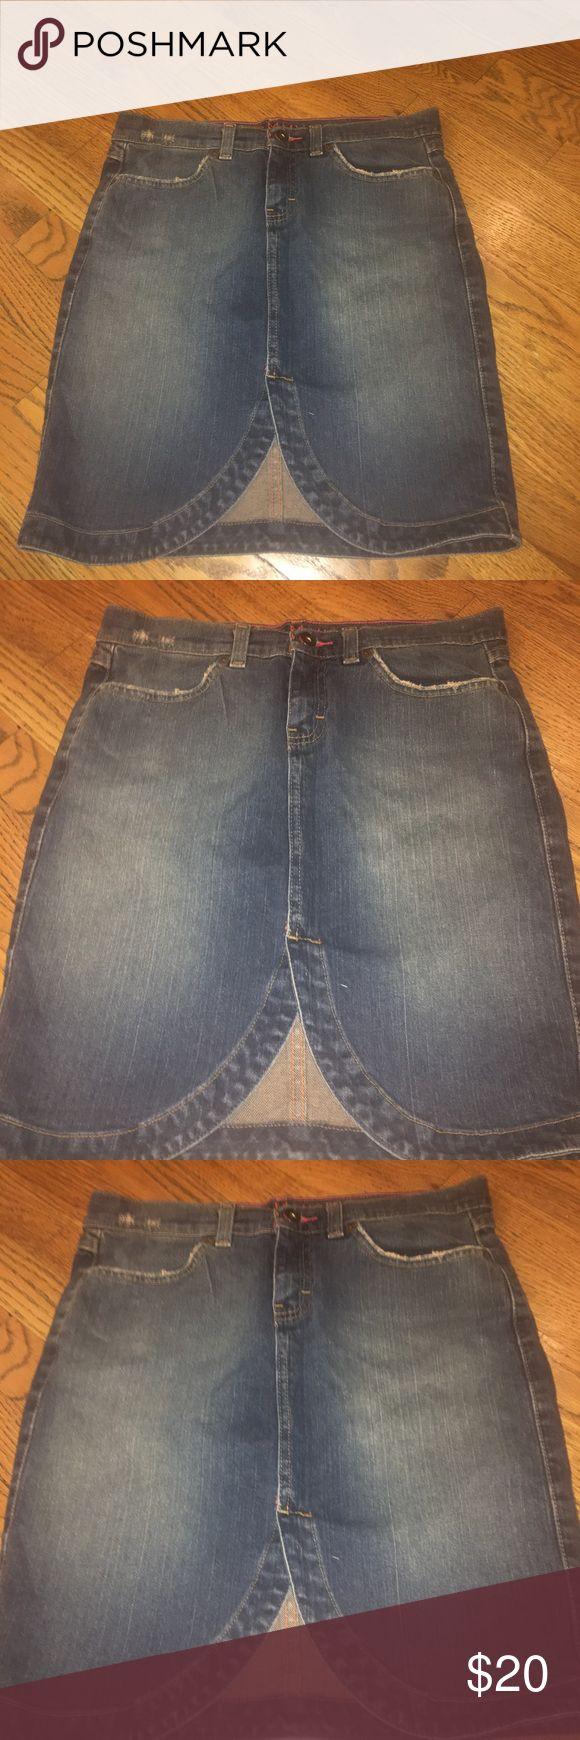 """Tommy Hilfiger Jean skirt Tommy Hilfiger Jean skirt size 5, waist  30"""", length 19"""", 99% cotton, 1% Lycra spandex Tommy Hilfiger Skirts"""